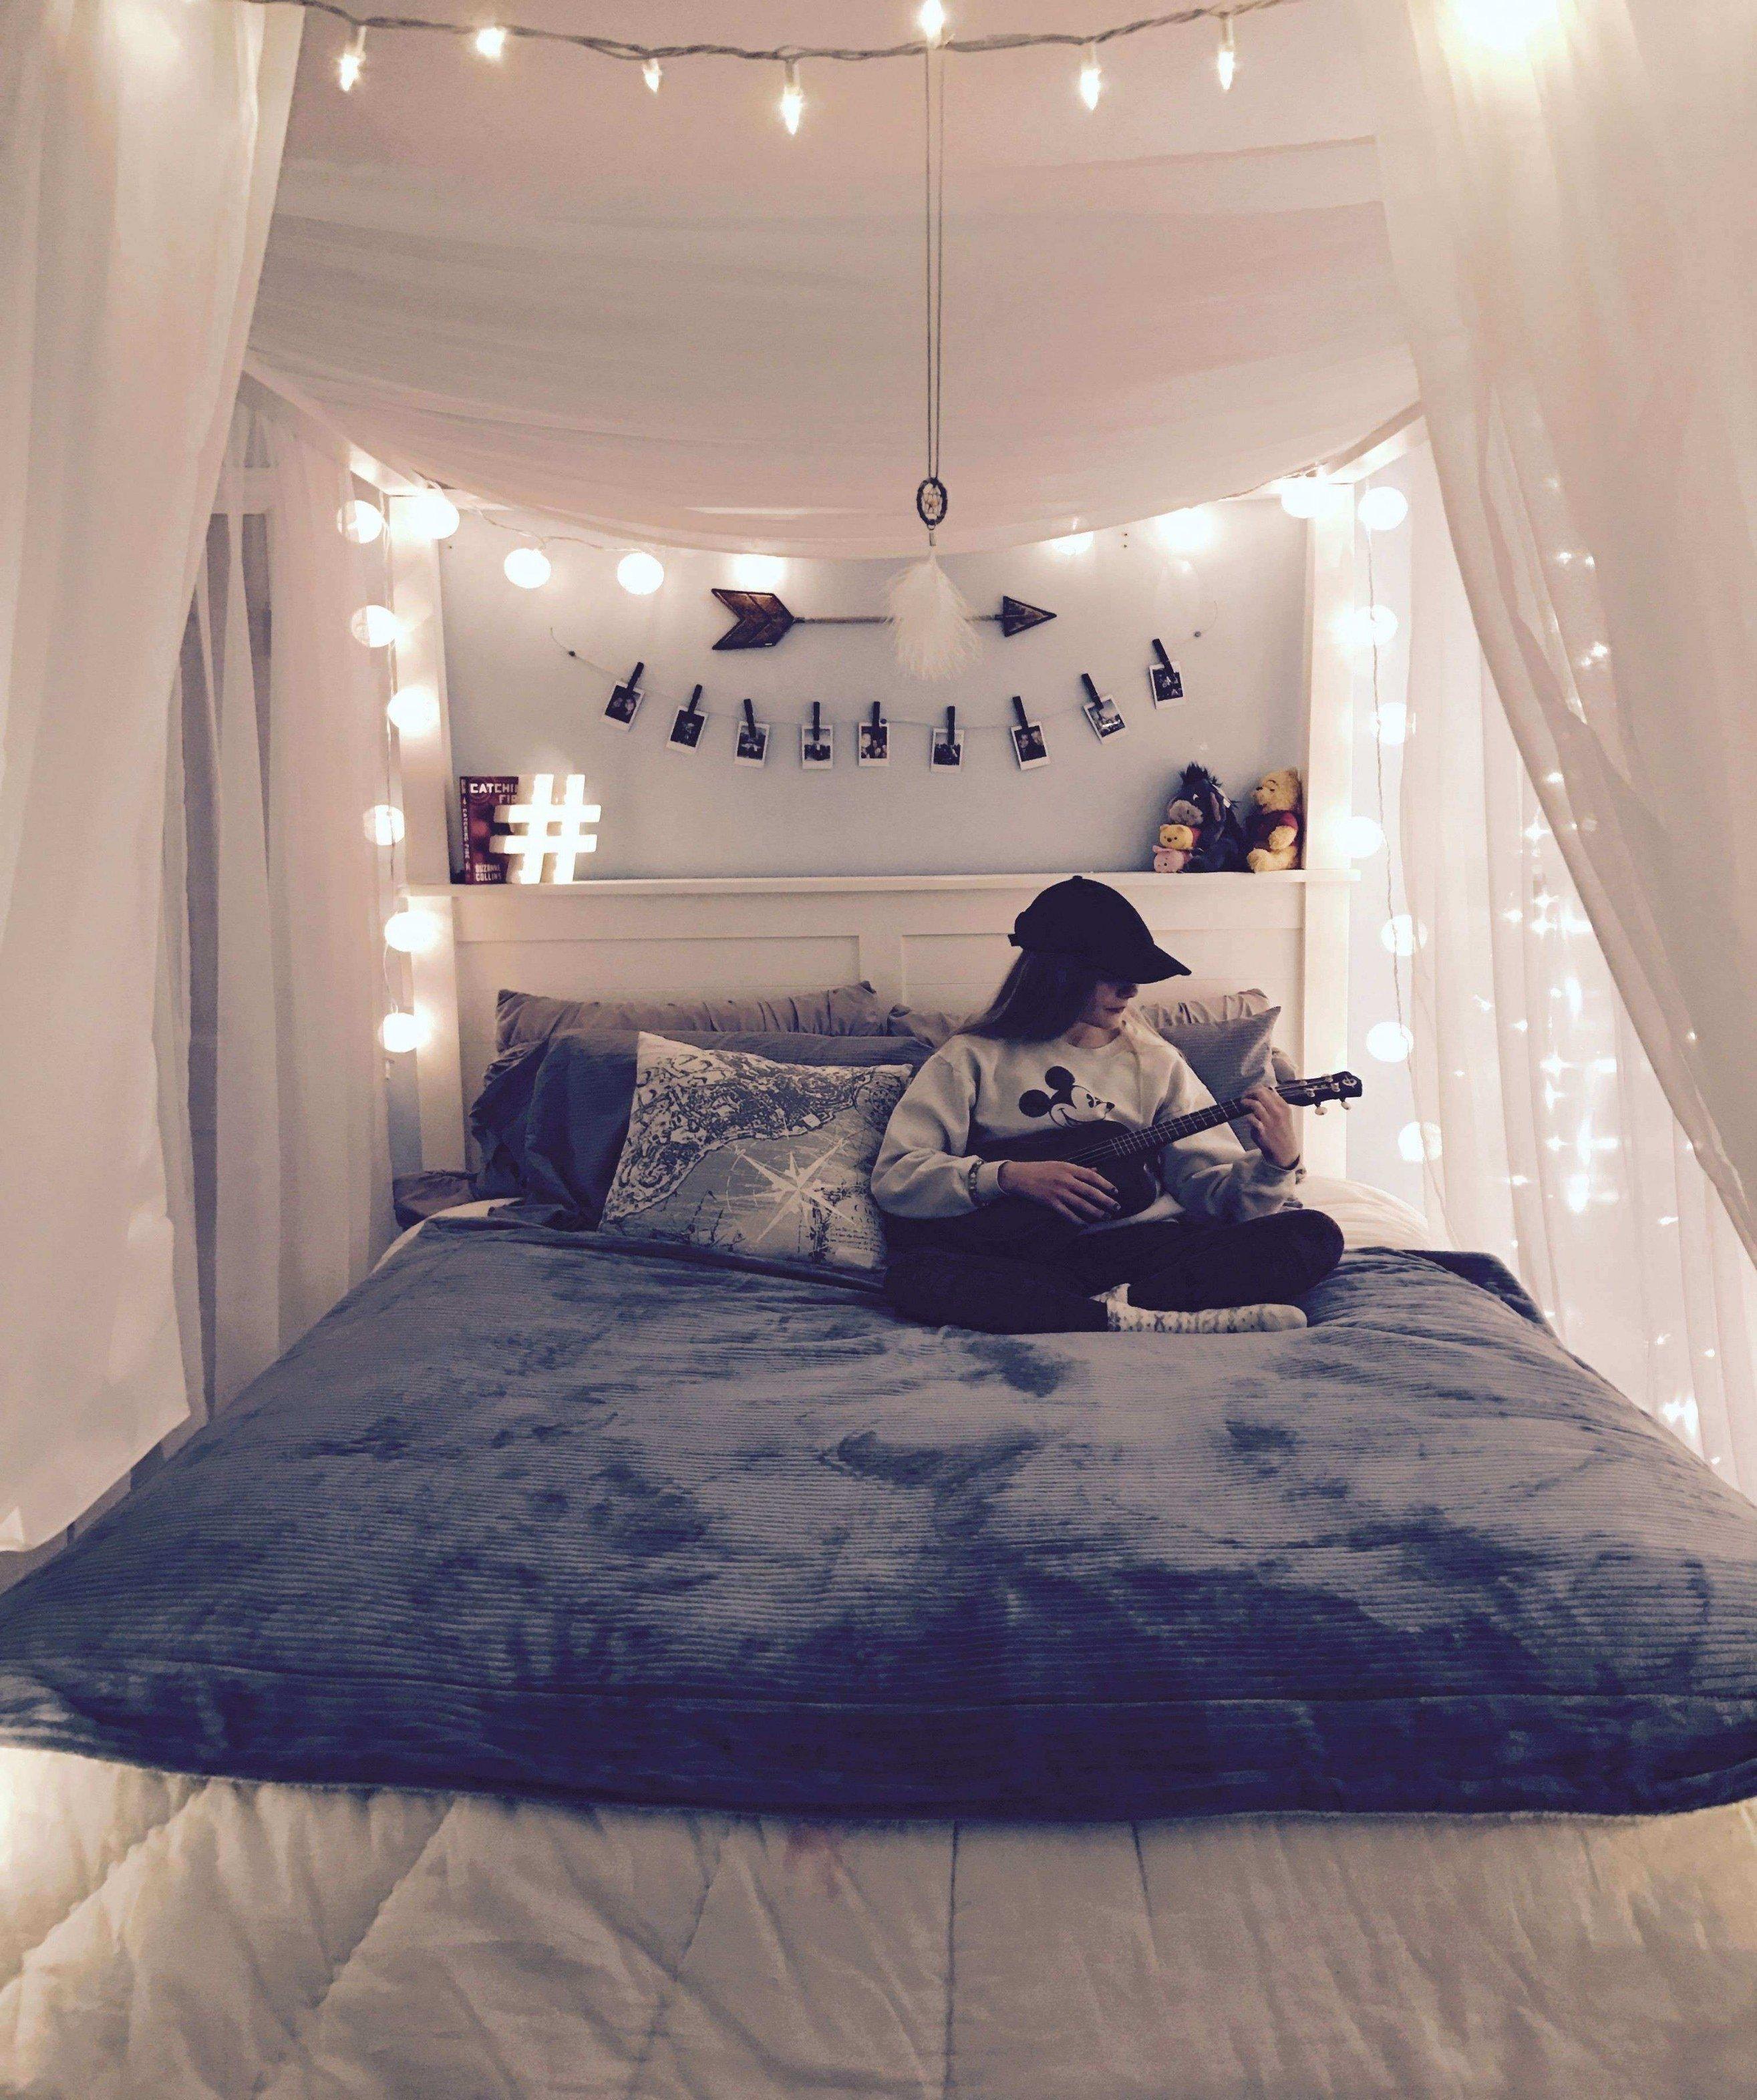 Bedroom Set for Girls Elegant Tween Bedroom Ideas Free Download Image Best Girls Room Wall